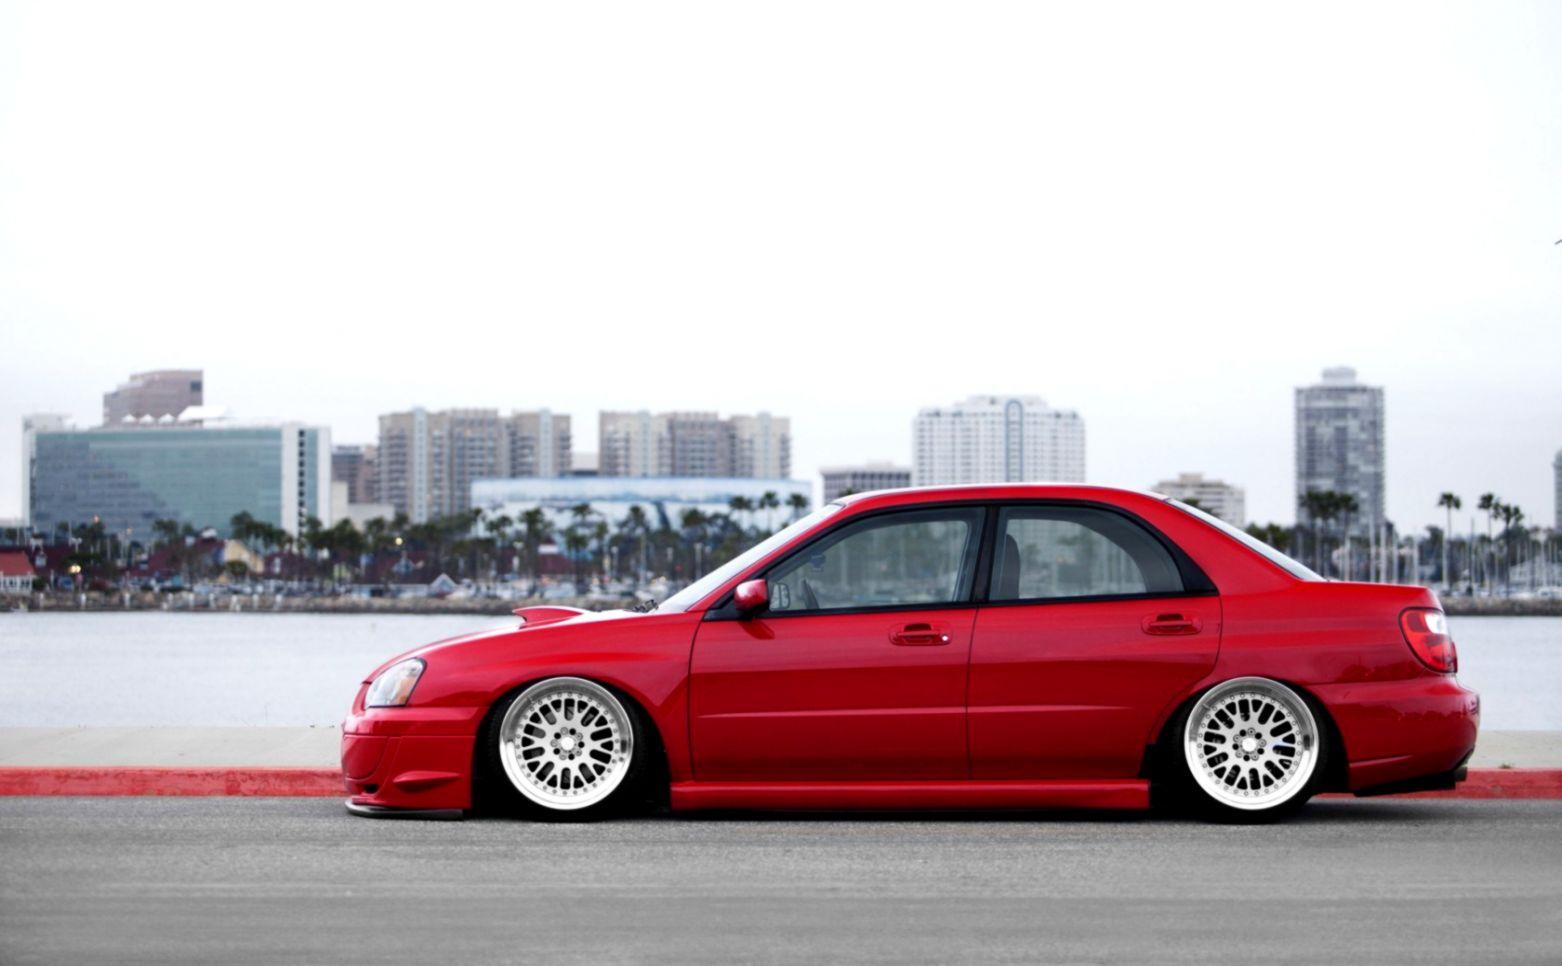 Subaru Impreza Wrx Red Car Tuning Hd Wallpaper Decor Di Design